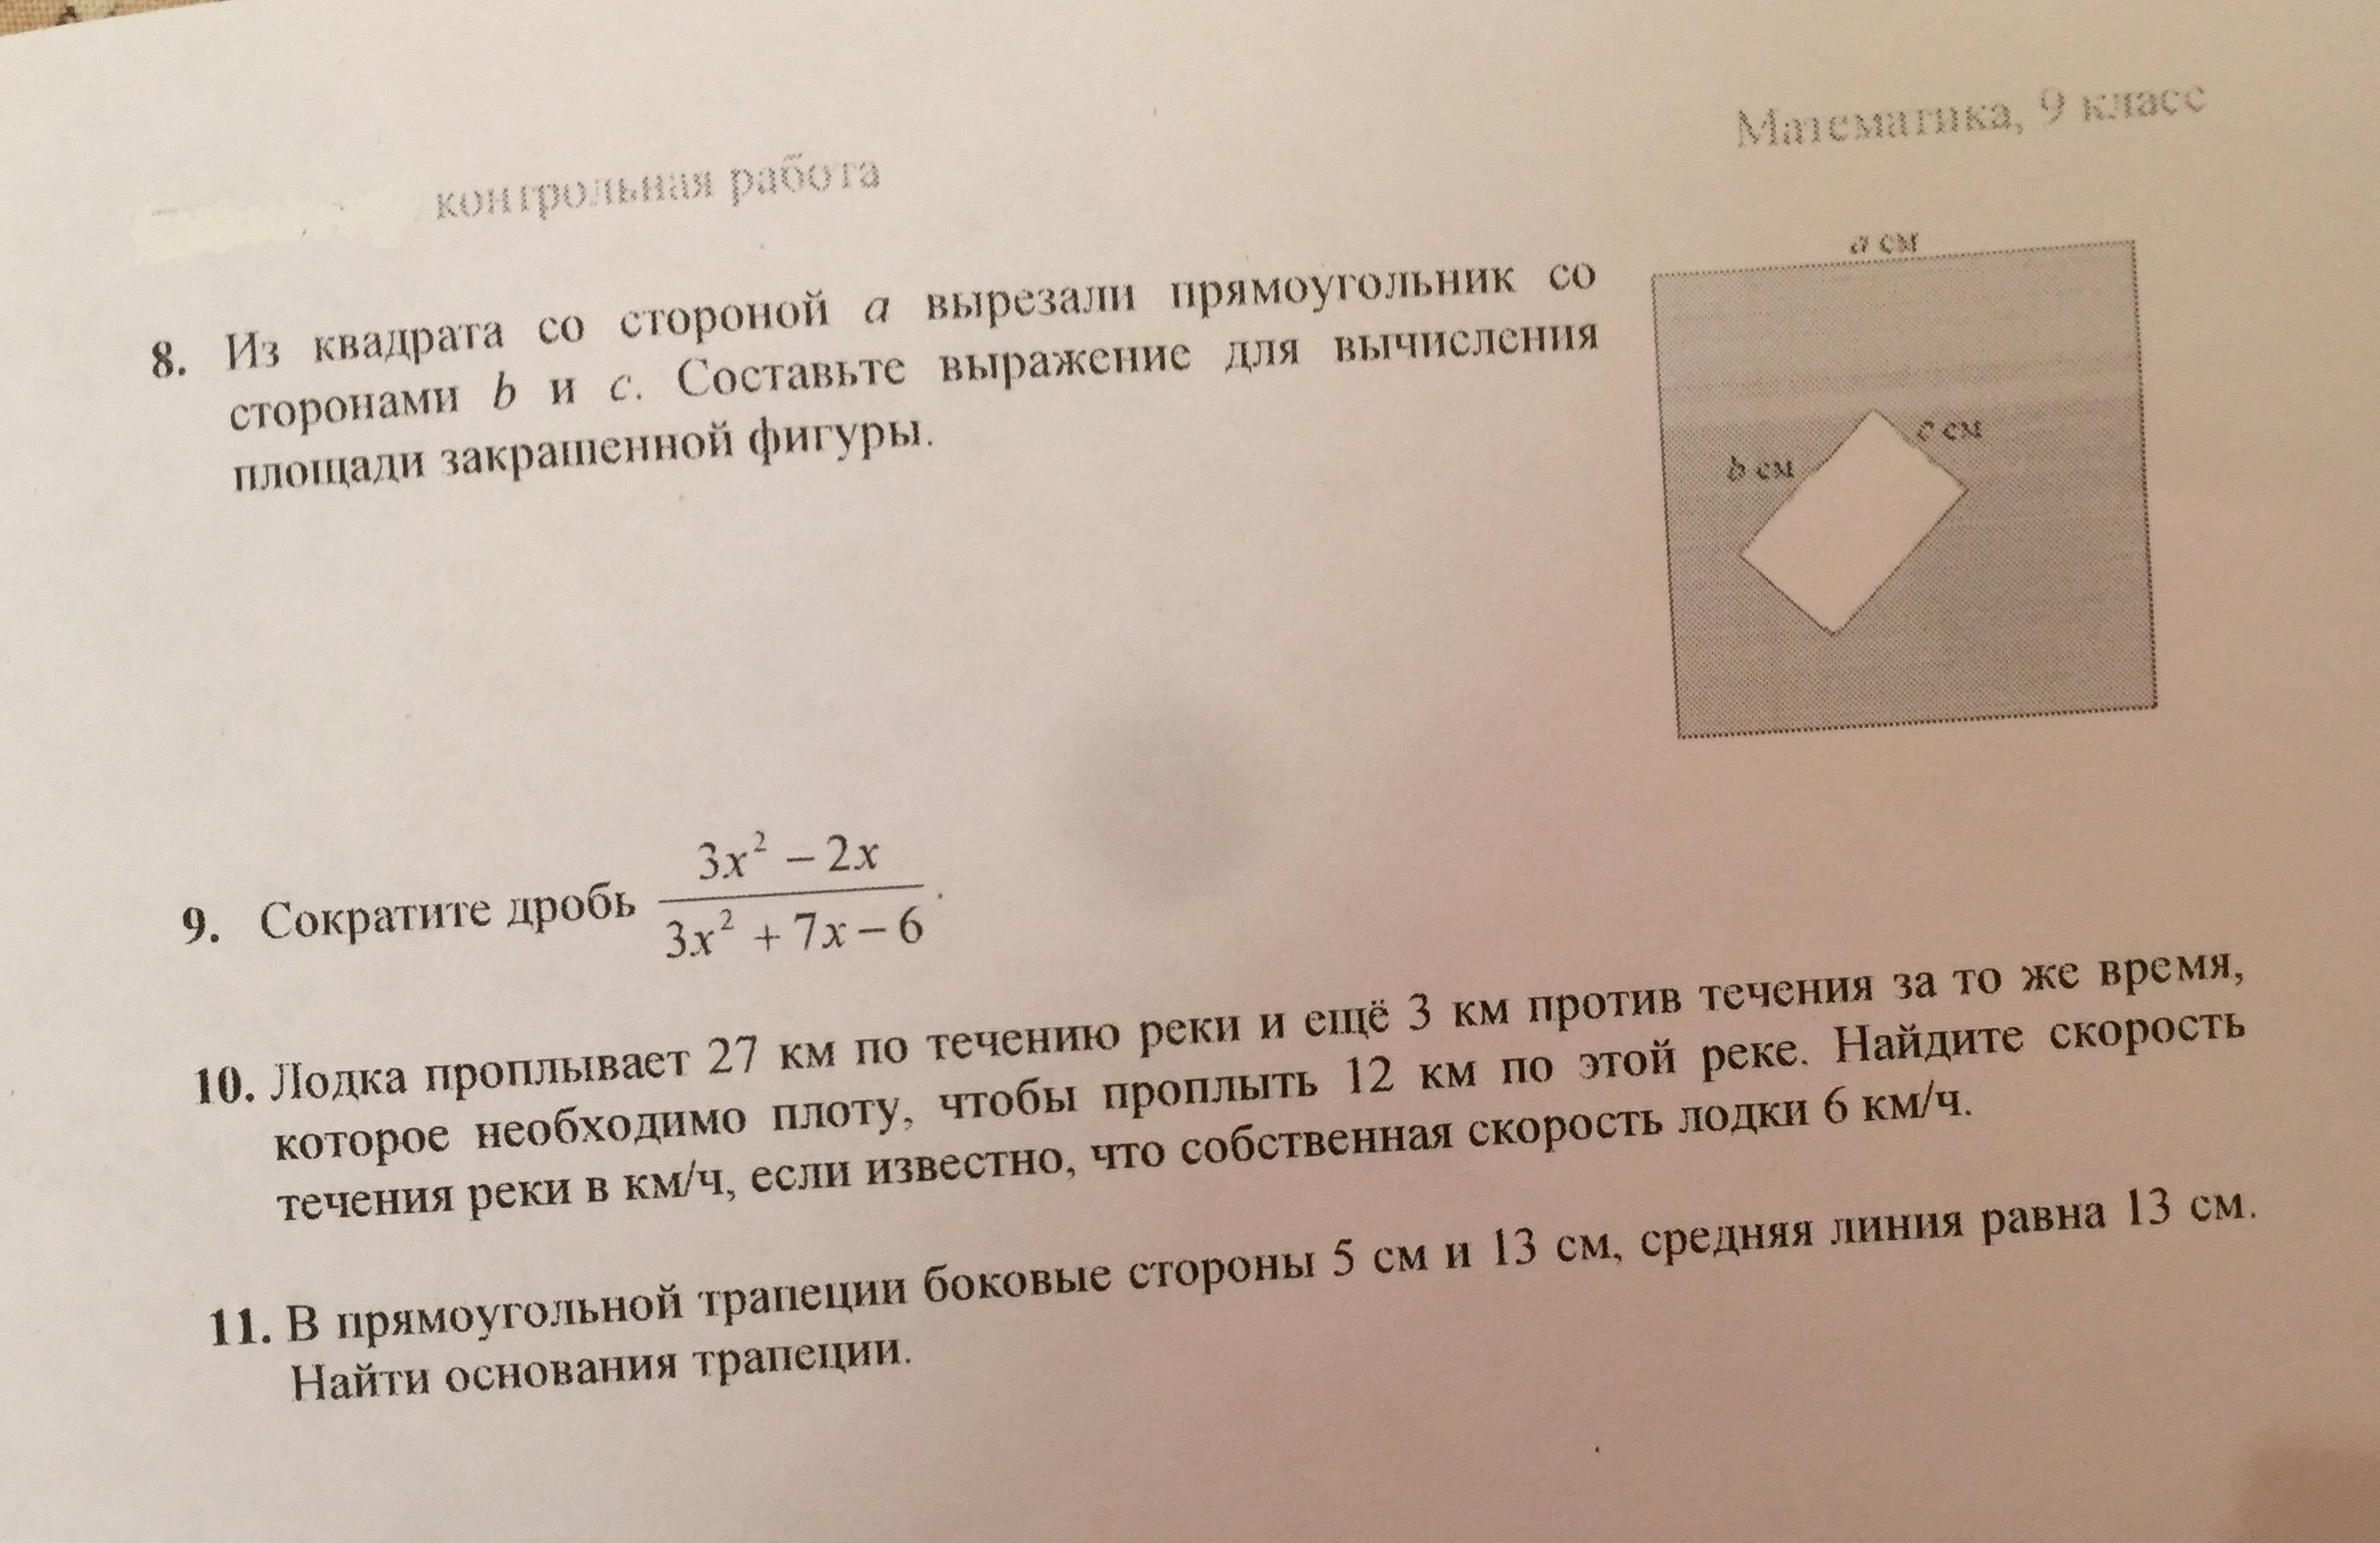 Здравствуйте. Помогите пожалуйста решить действие по математике, очень нужно. Пожалуйста приложите фото с решением, обязательно с фото!! Пожалуйста!! С ФОТО!!! Пожалуйста!!!